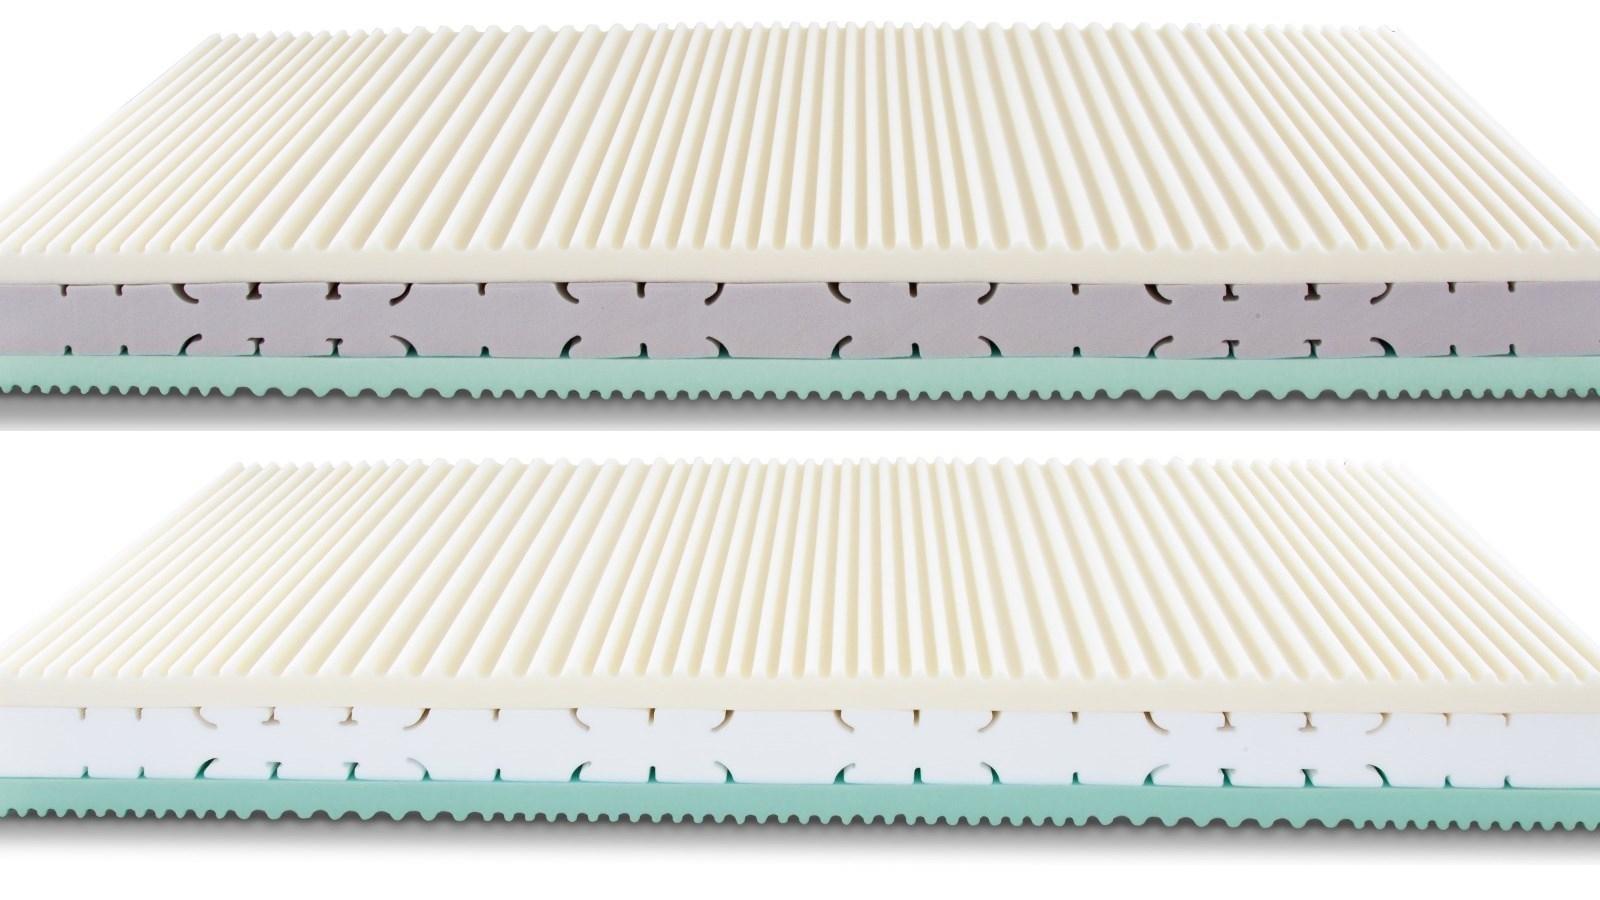 Materasso una piazza e mezza misure trendy quanto misura for Quanto misura un letto una piazza e mezza